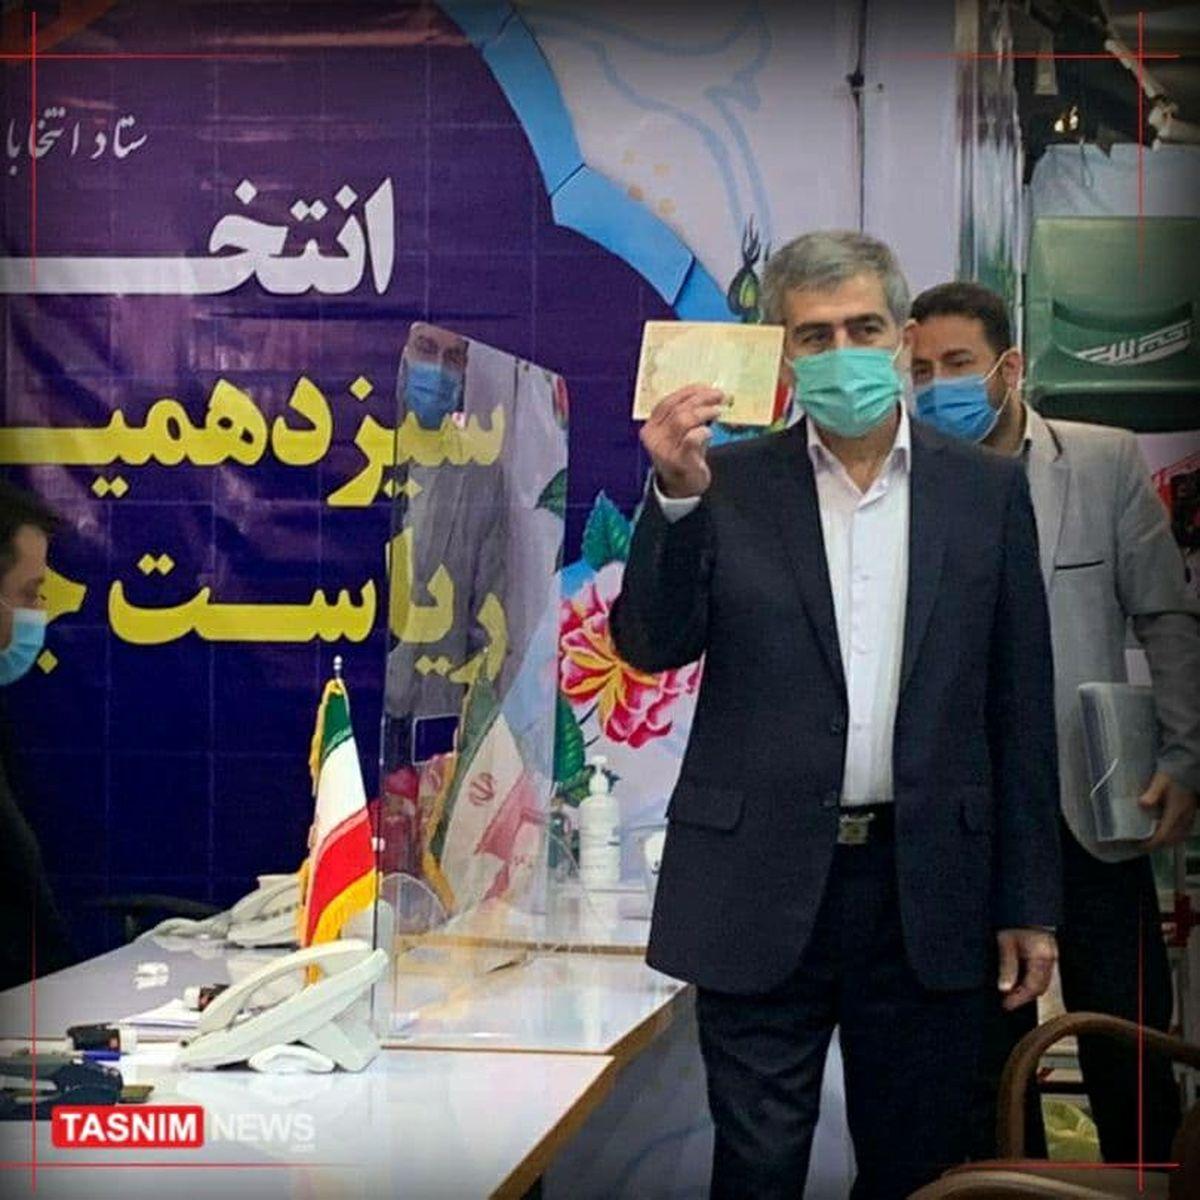 فریدون عباسی: مستقل در انتخابات شرکت میکنم